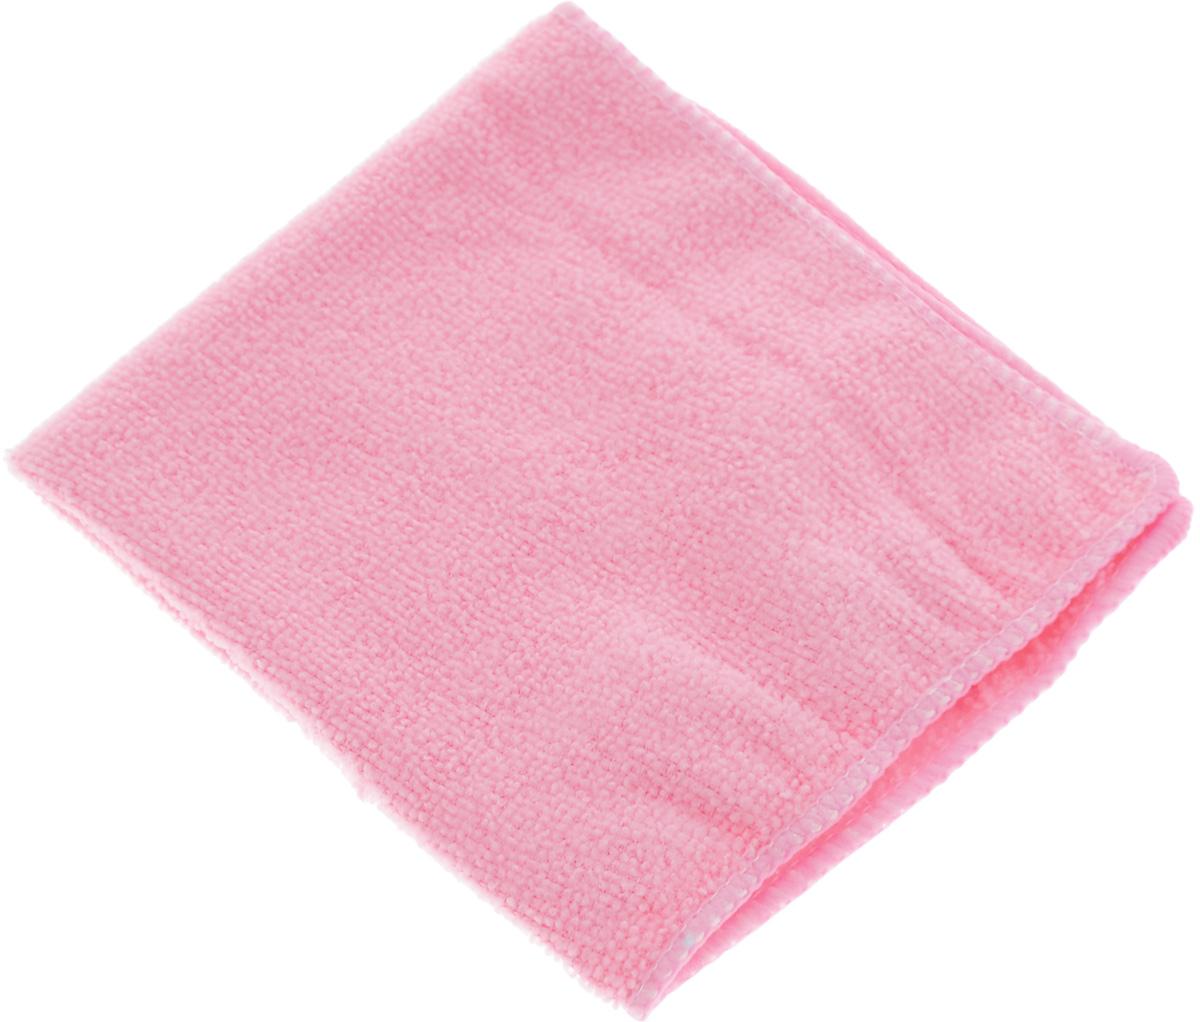 Салфетка для уборки Youll love, цвет: розовый, 30 х 30 см58043_розовыйСалфетка Youll love, изготовленная из микрофибры (100% полиэфир), предназначена для очищения загрязнений на любых поверхностях. Микрофибра - великолепная гипоаллергенная ткань из тончайших полимерных микроволокон. Многочисленные поры между микроволокнами, благодаря капиллярному эффекту, мгновенно впитывают воду, подобно губке. Любые капельки, остающиеся на очищаемой поверхности, очень быстро испаряются, и остается чистая дорожка без полос и разводов. В сухом виде при вытирании поверхности волокна микрофибры электризуются и притягивают к себе микробы, мельчайшие частицы пыли и грязи. Изделие обладает высокой износоустойчивостью и рассчитано на многократное использование, легко моется в теплой воде с мягкими чистящими средствами.